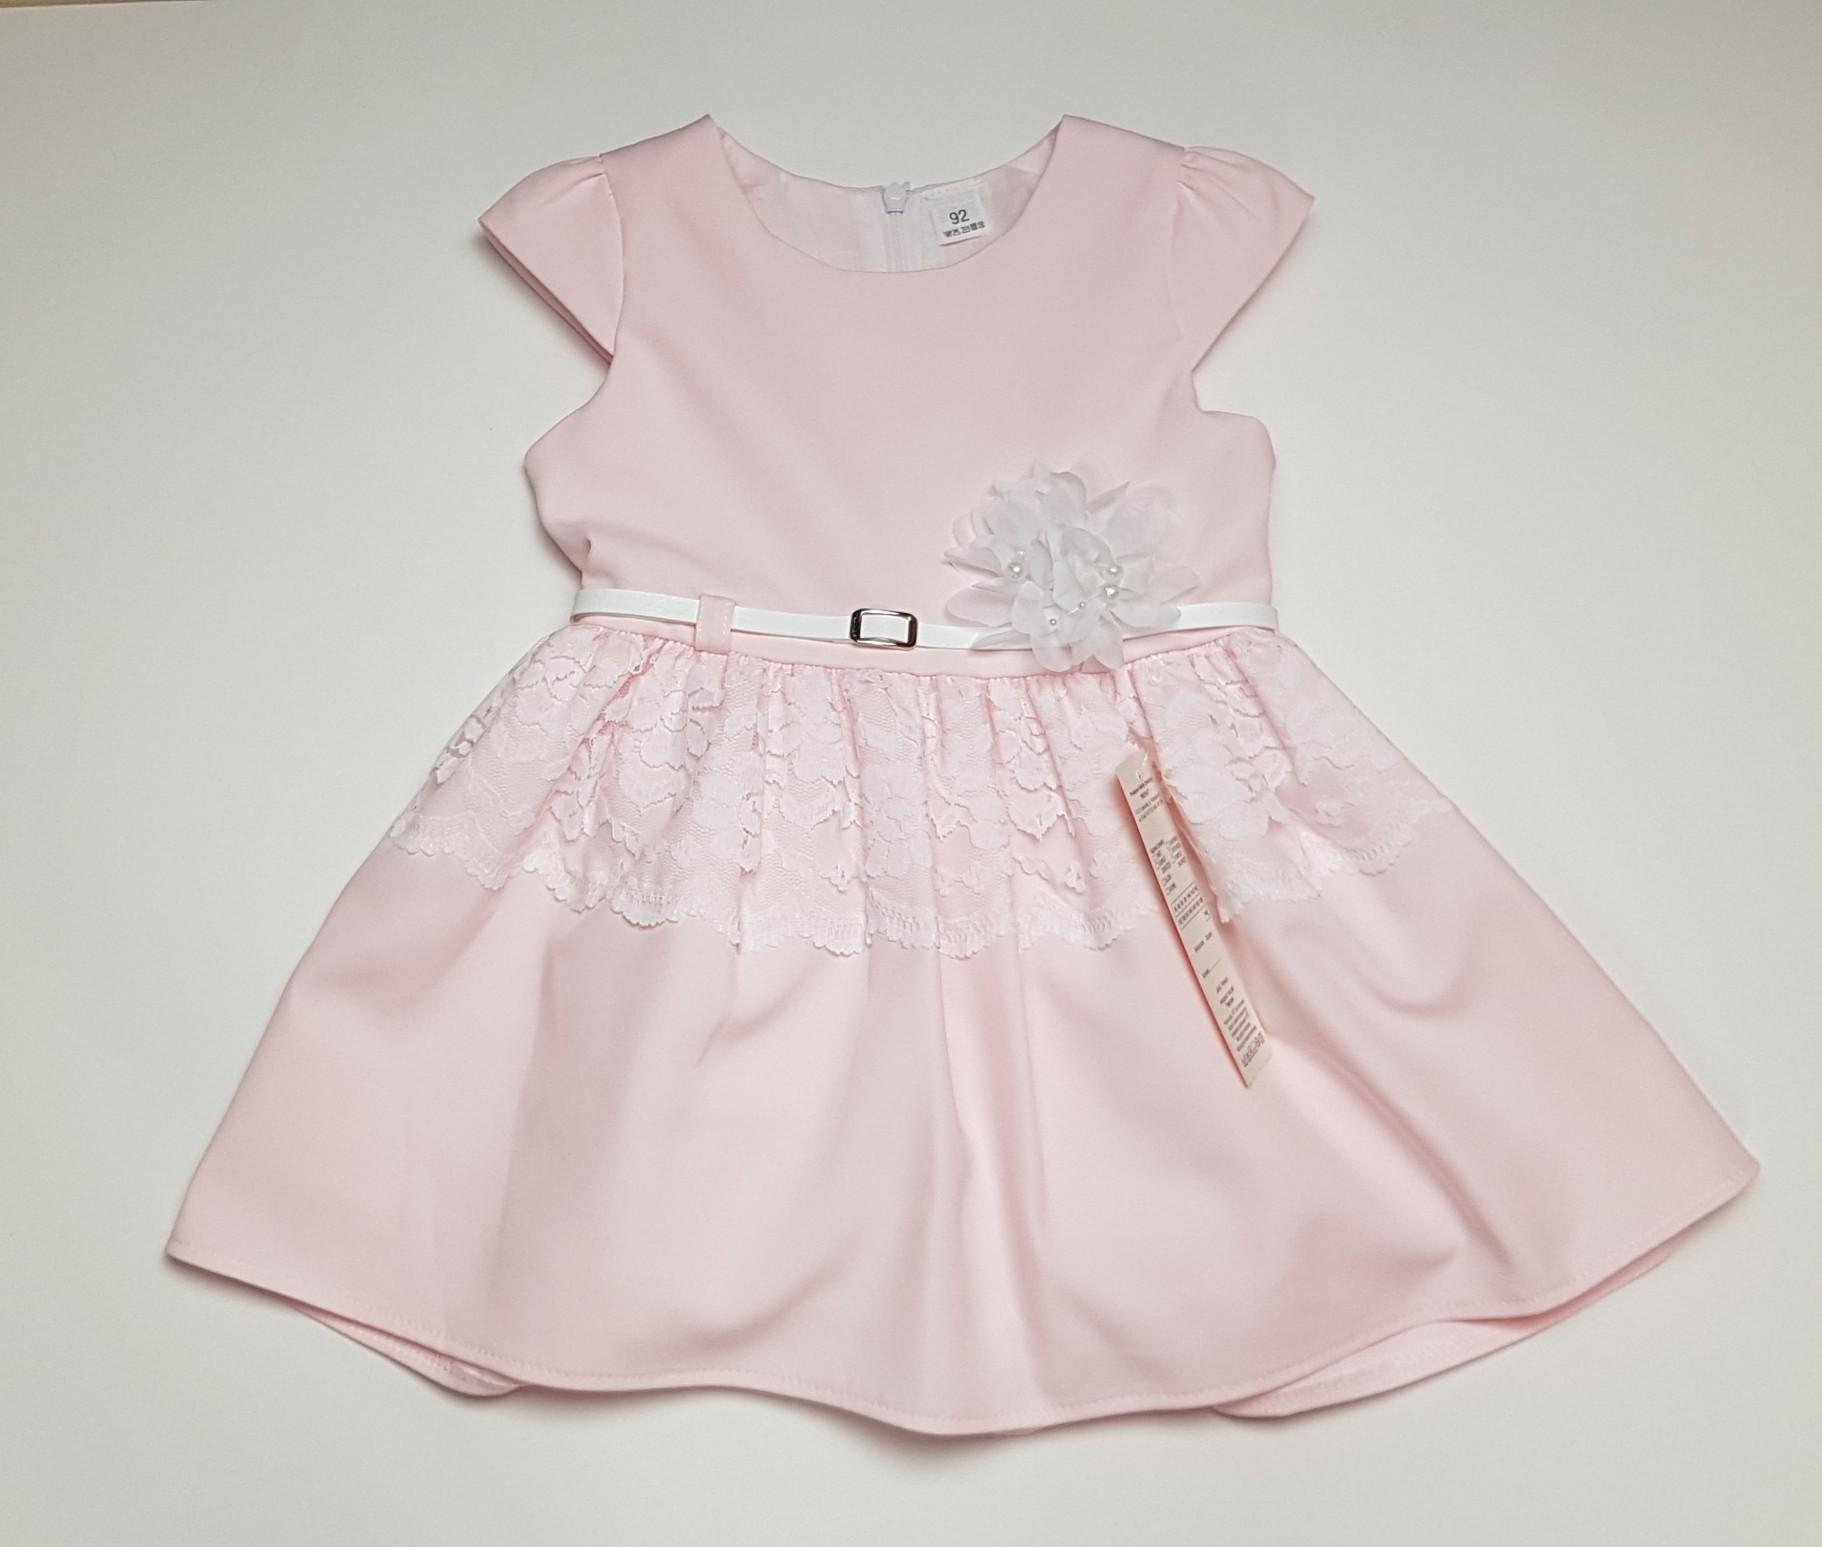 a777976c Sukienka elegancka róż roz 86 - 7295671832 - oficjalne archiwum allegro